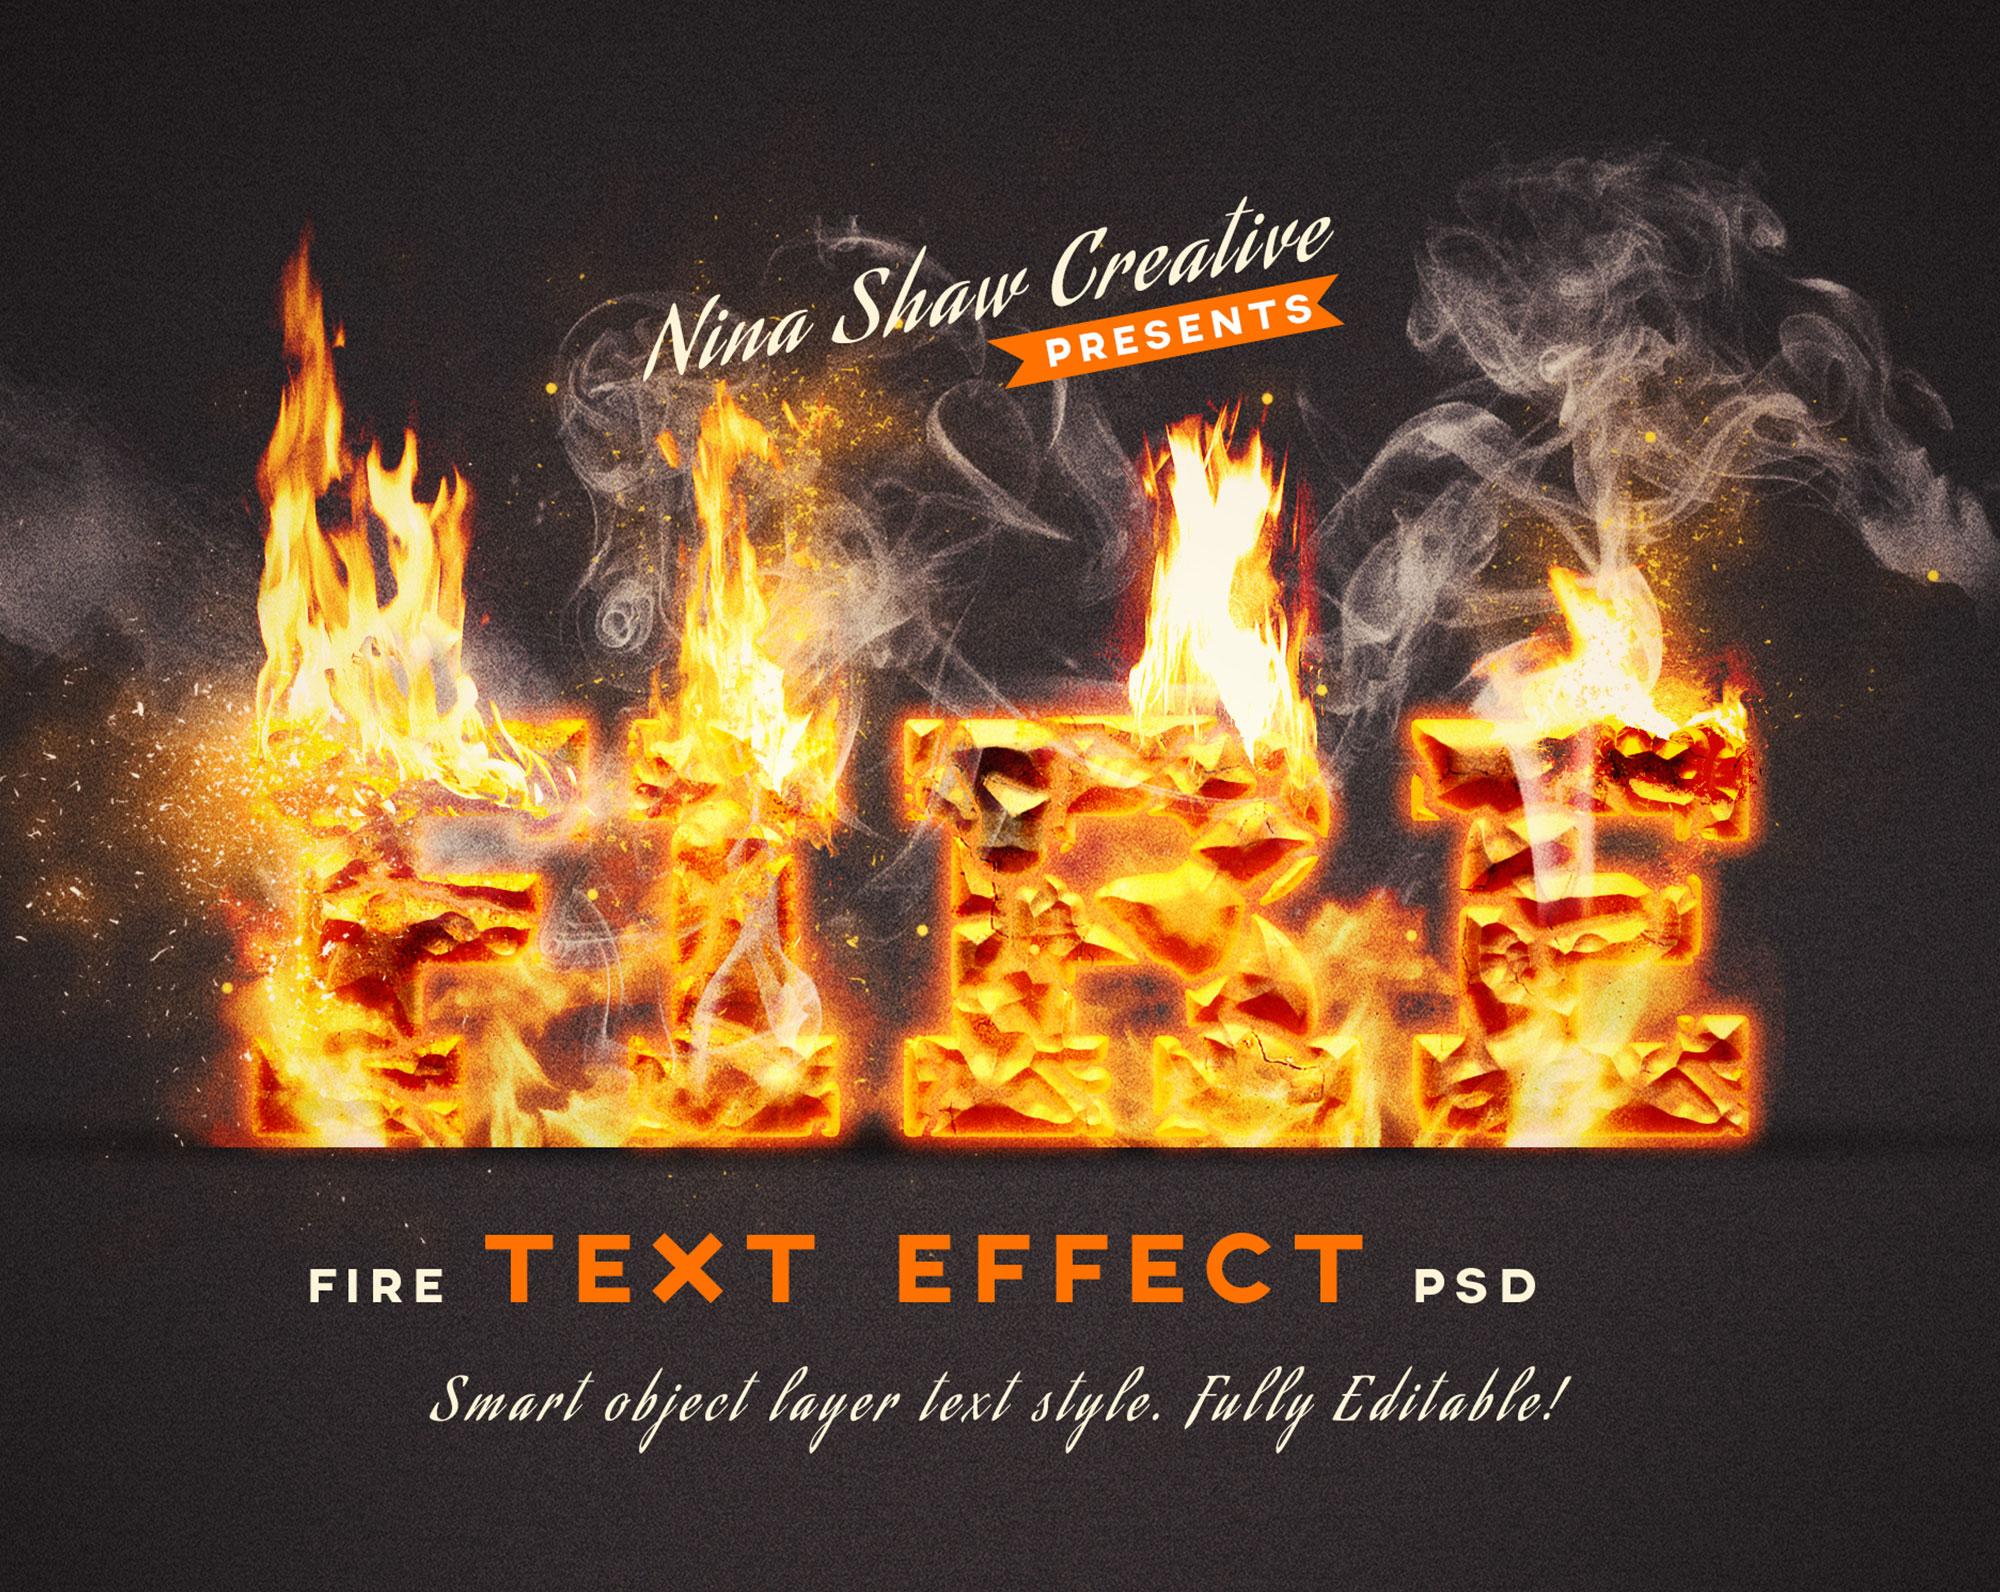 5款炫酷火焰燃烧特效立体字标题PS样式模板 Fire Text Effects插图